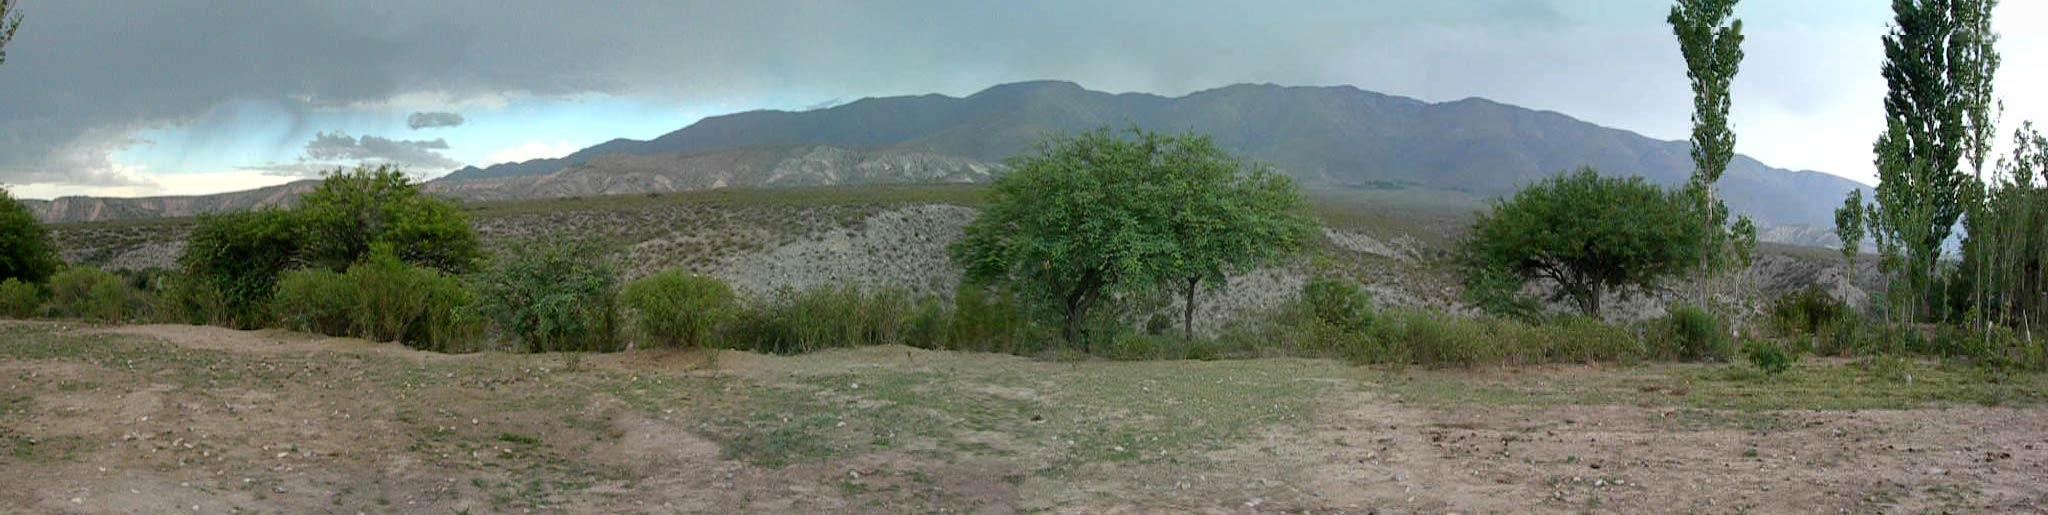 siteloszazos2007.jpg